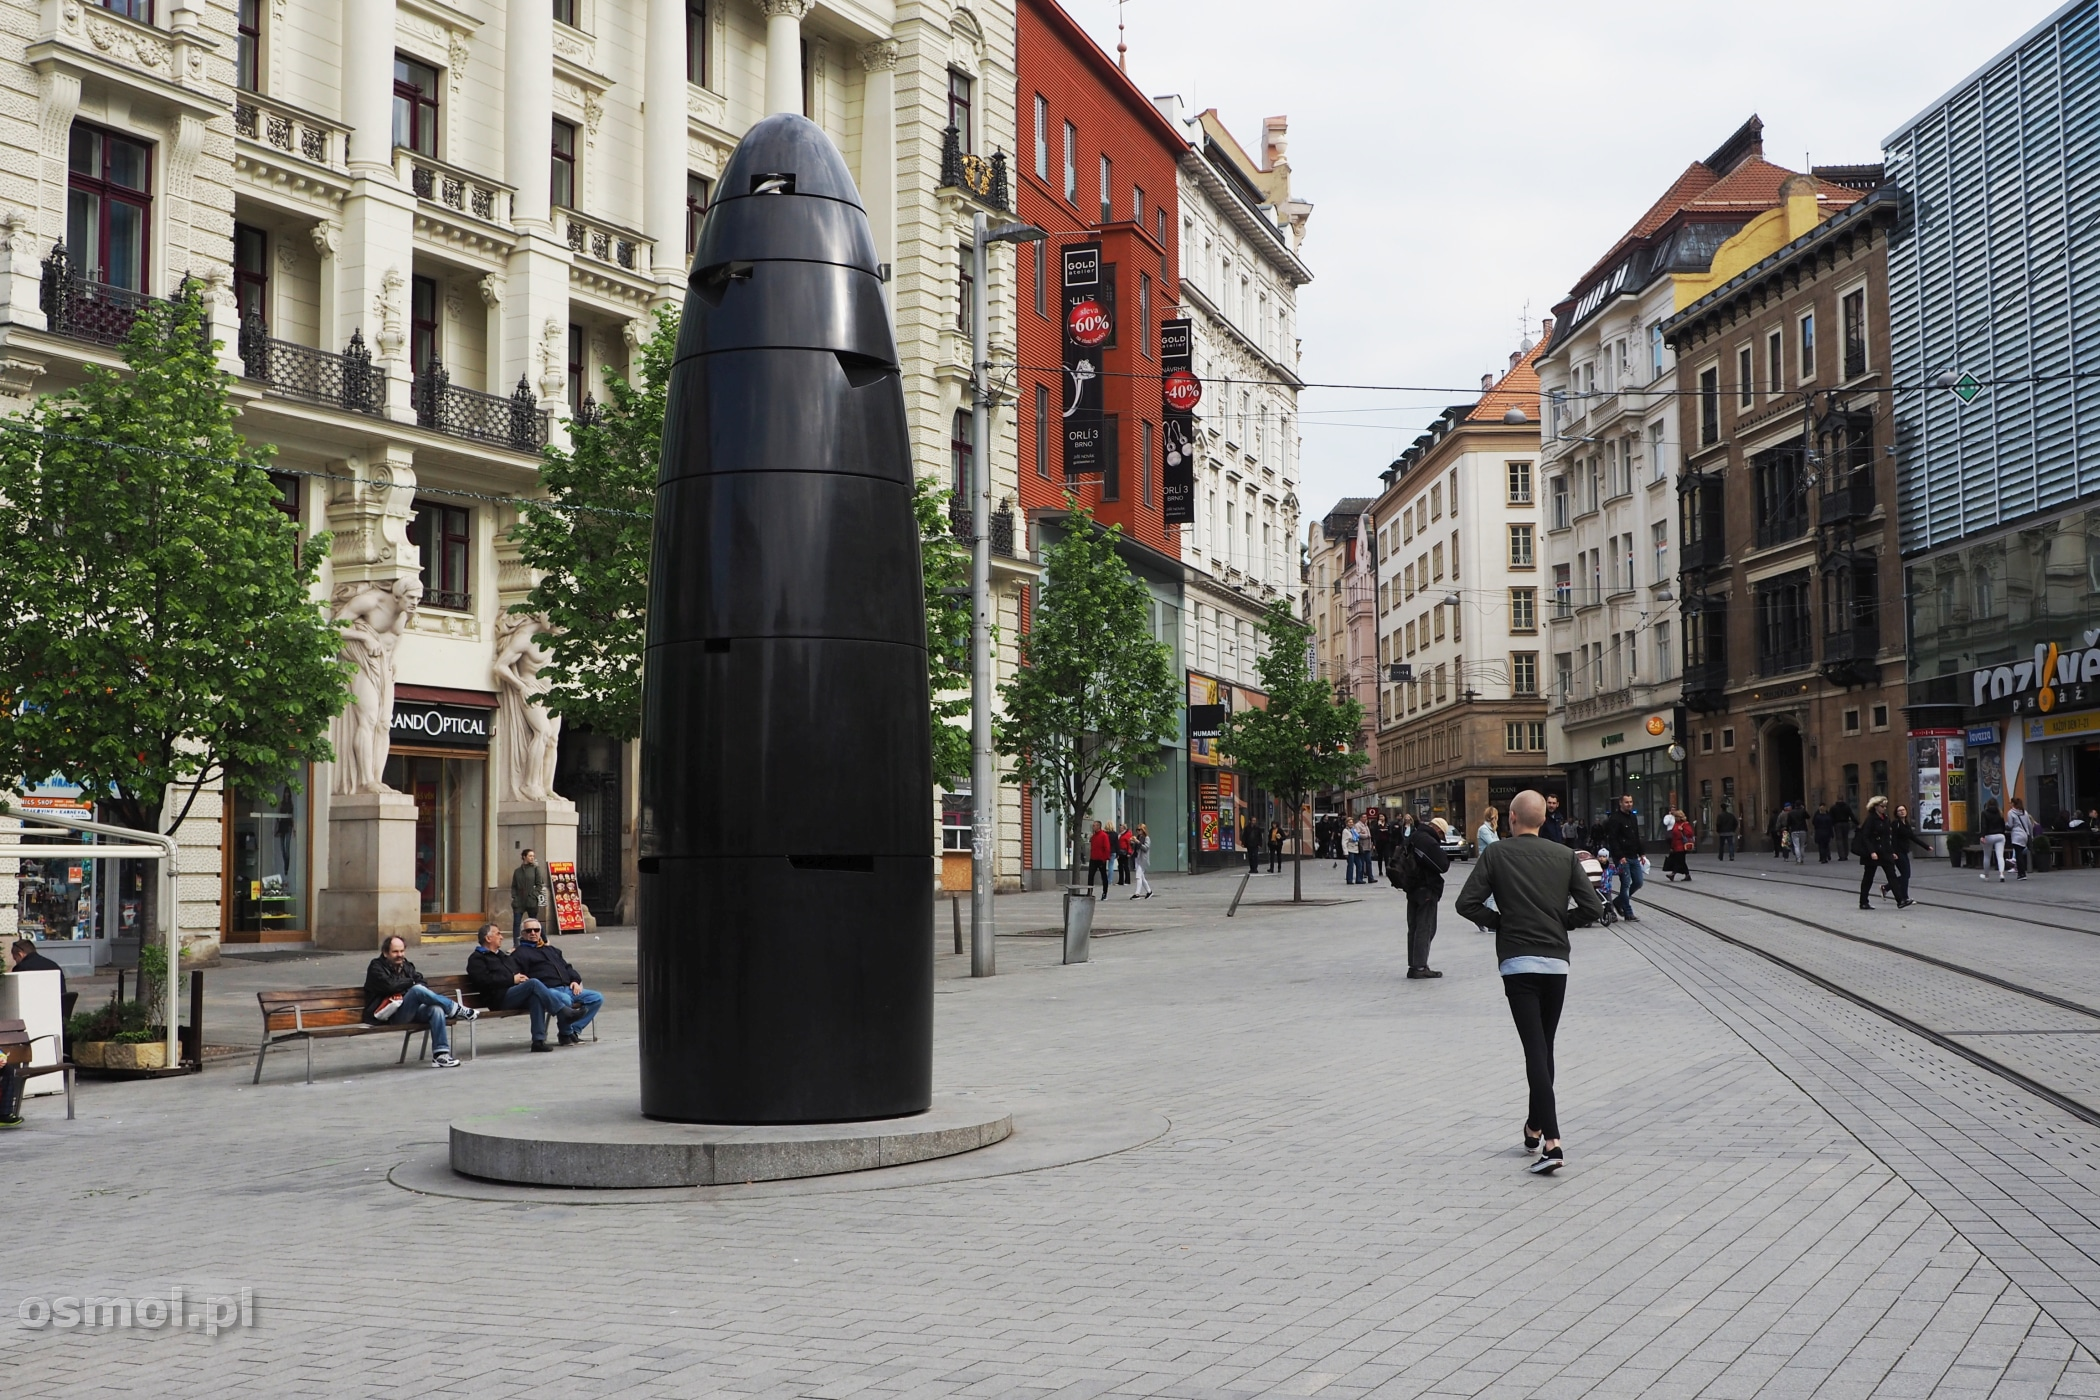 Zegar słoneczny budzący jednoznaczne skojarzenia u turystów i mieszkańców Brna